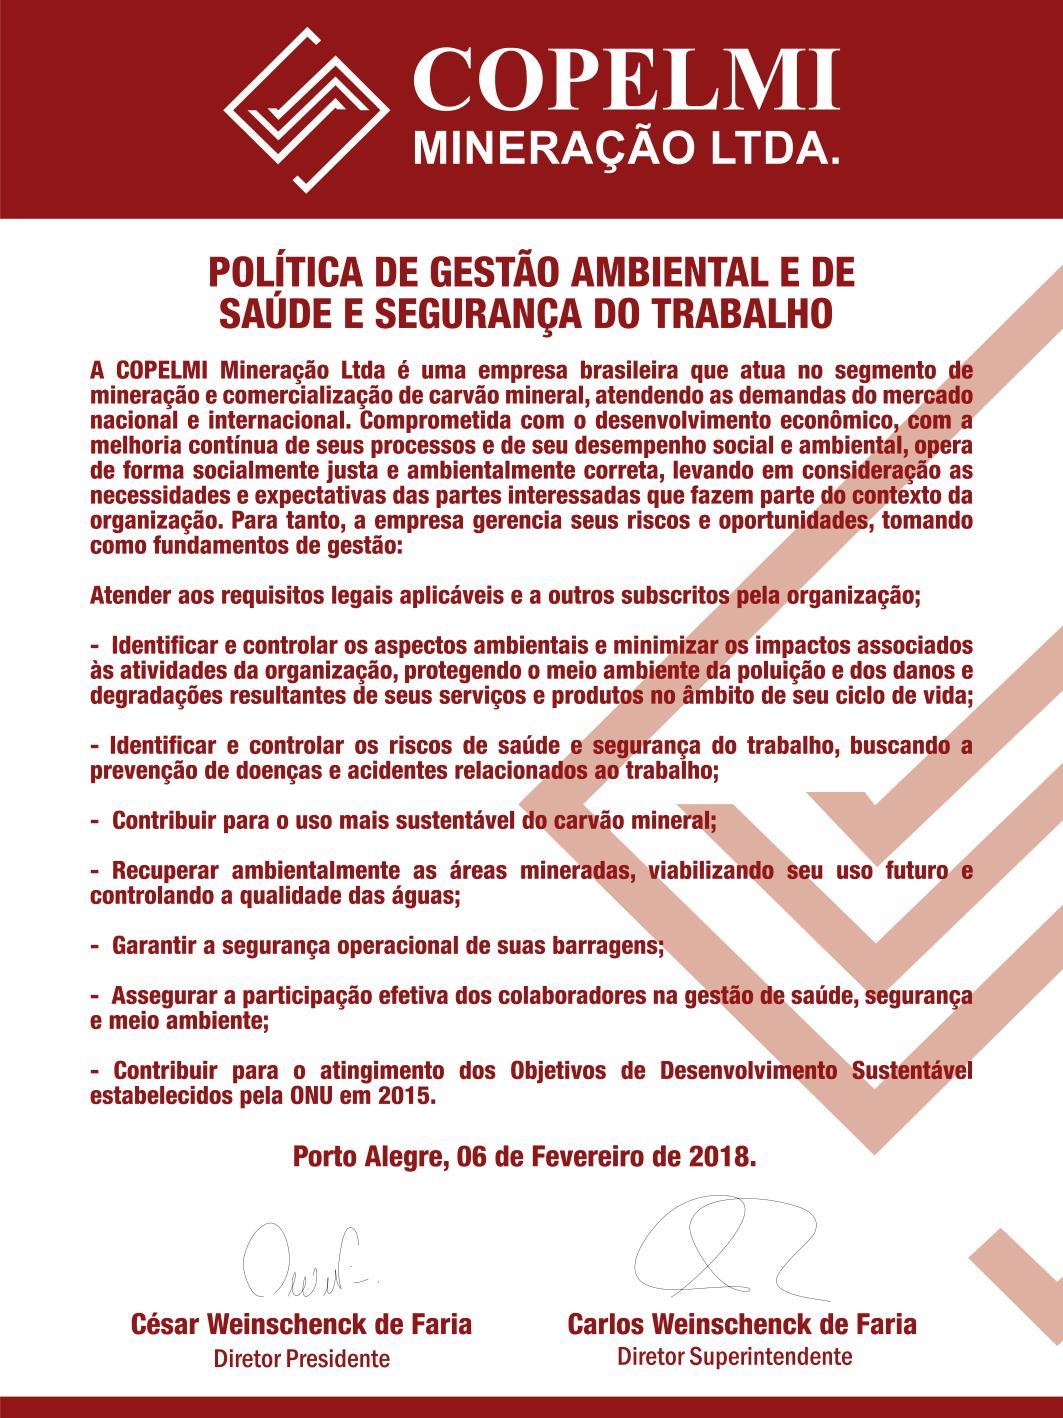 Politica_Gestao_2018